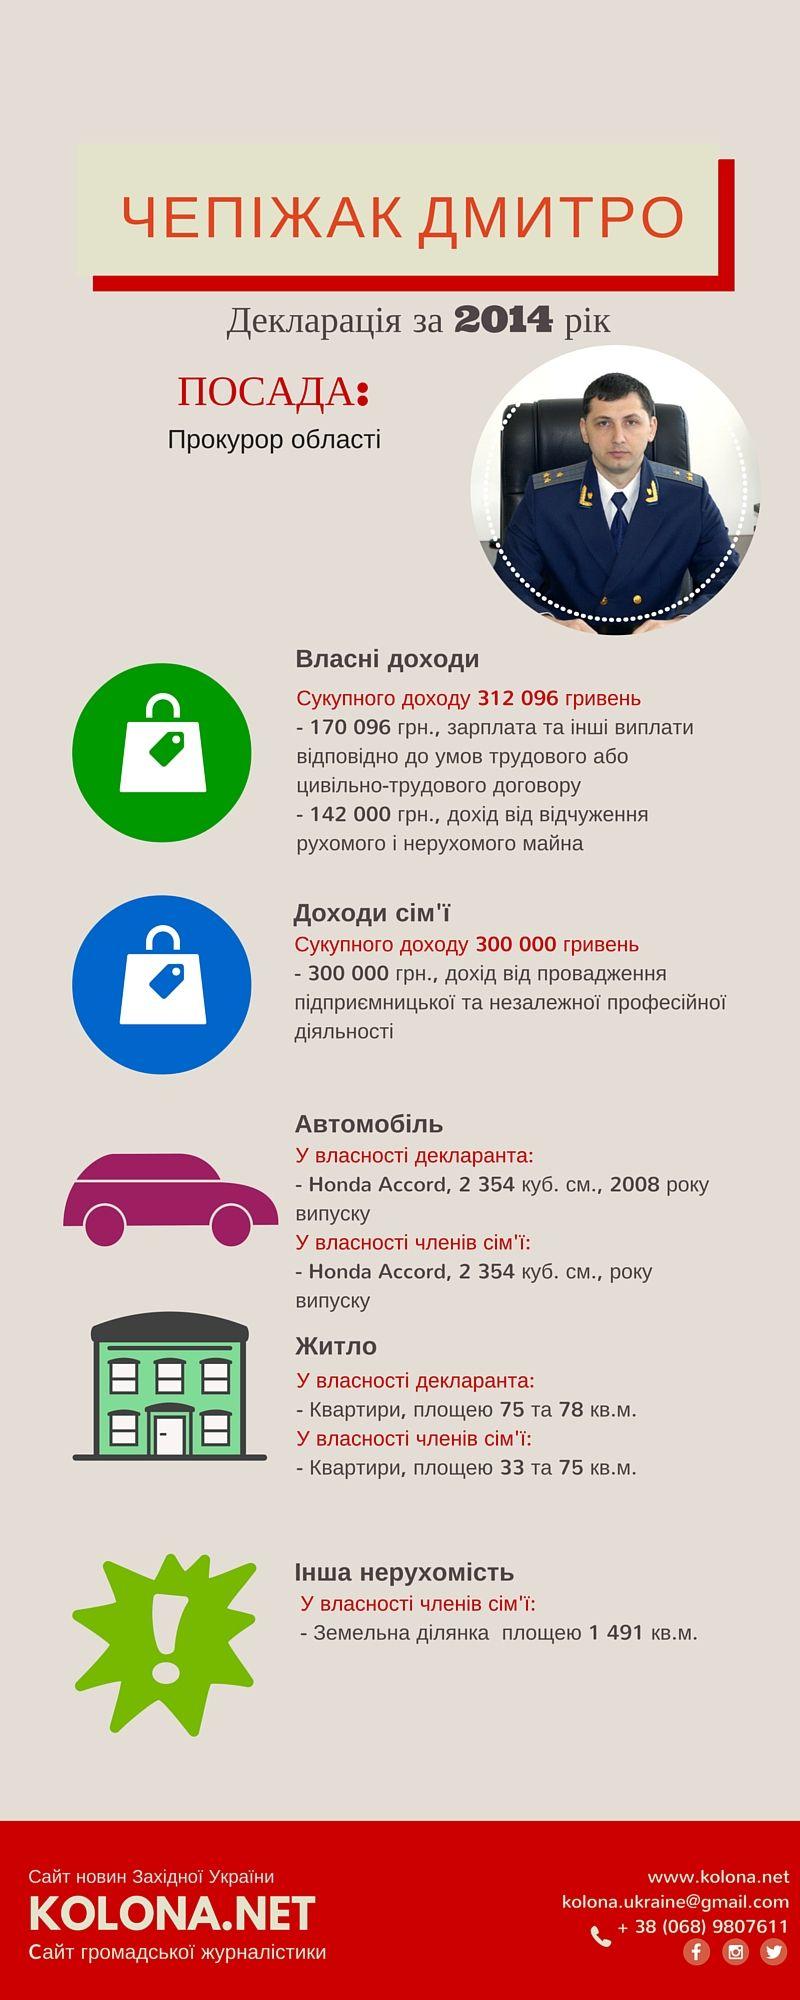 Дмитро Чепіжак - прокурор області